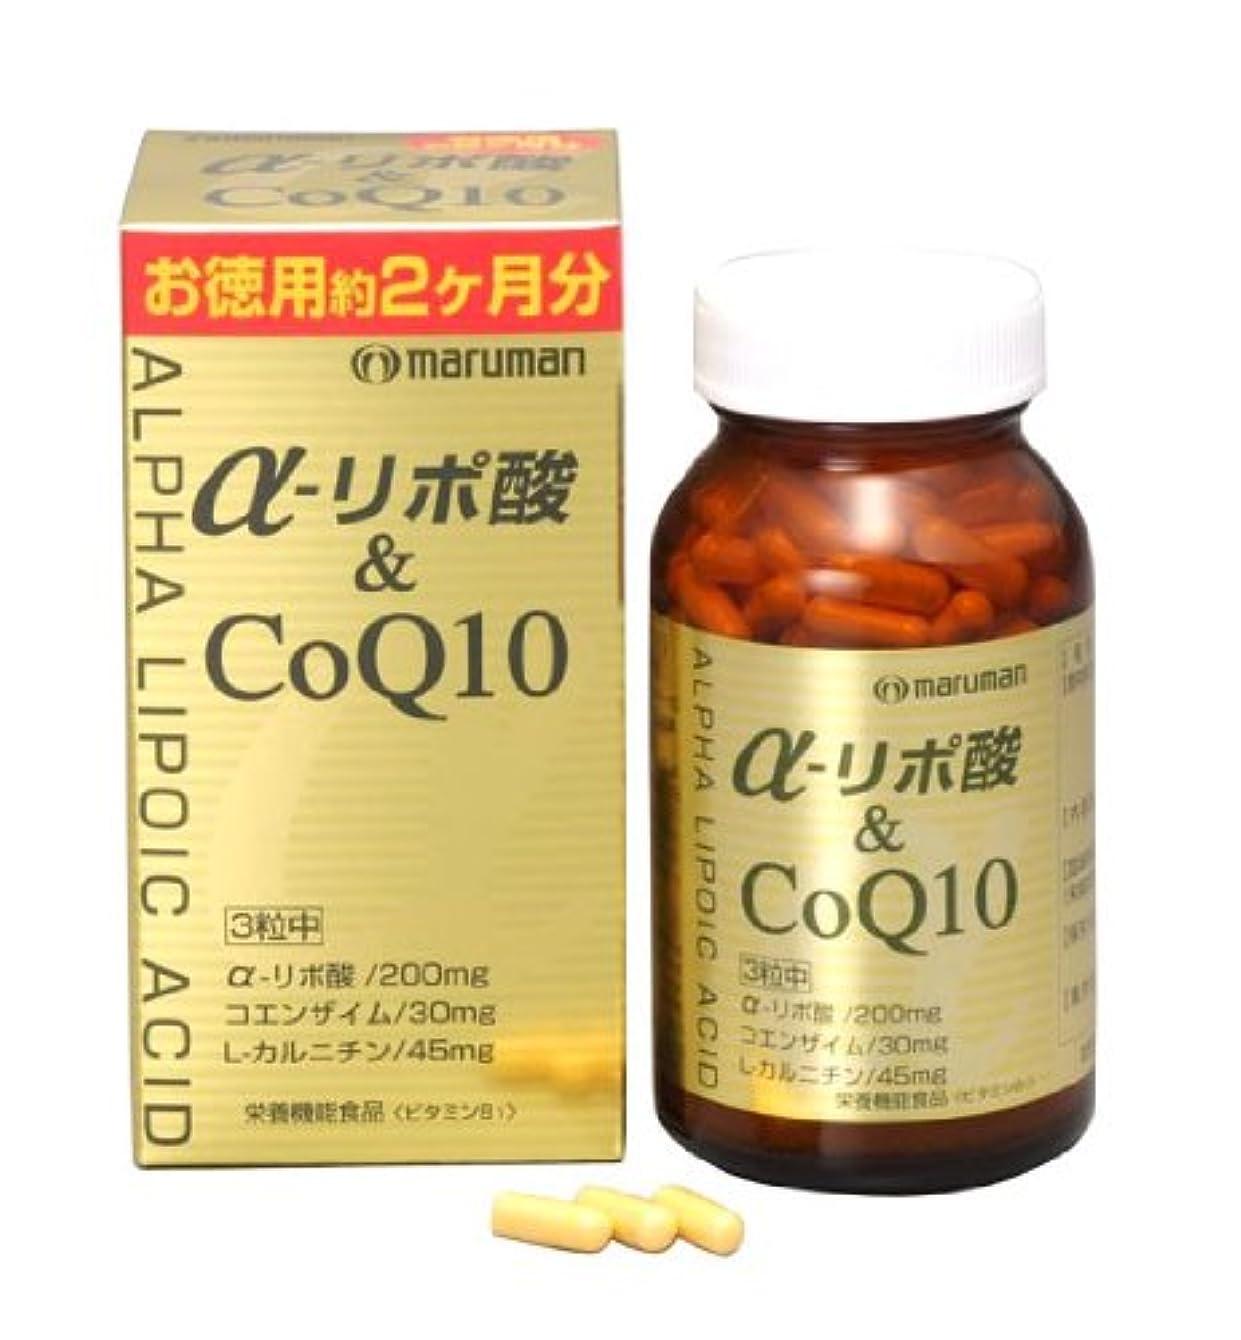 マルマン α-リポ酸CoQ10 249㎎×180粒